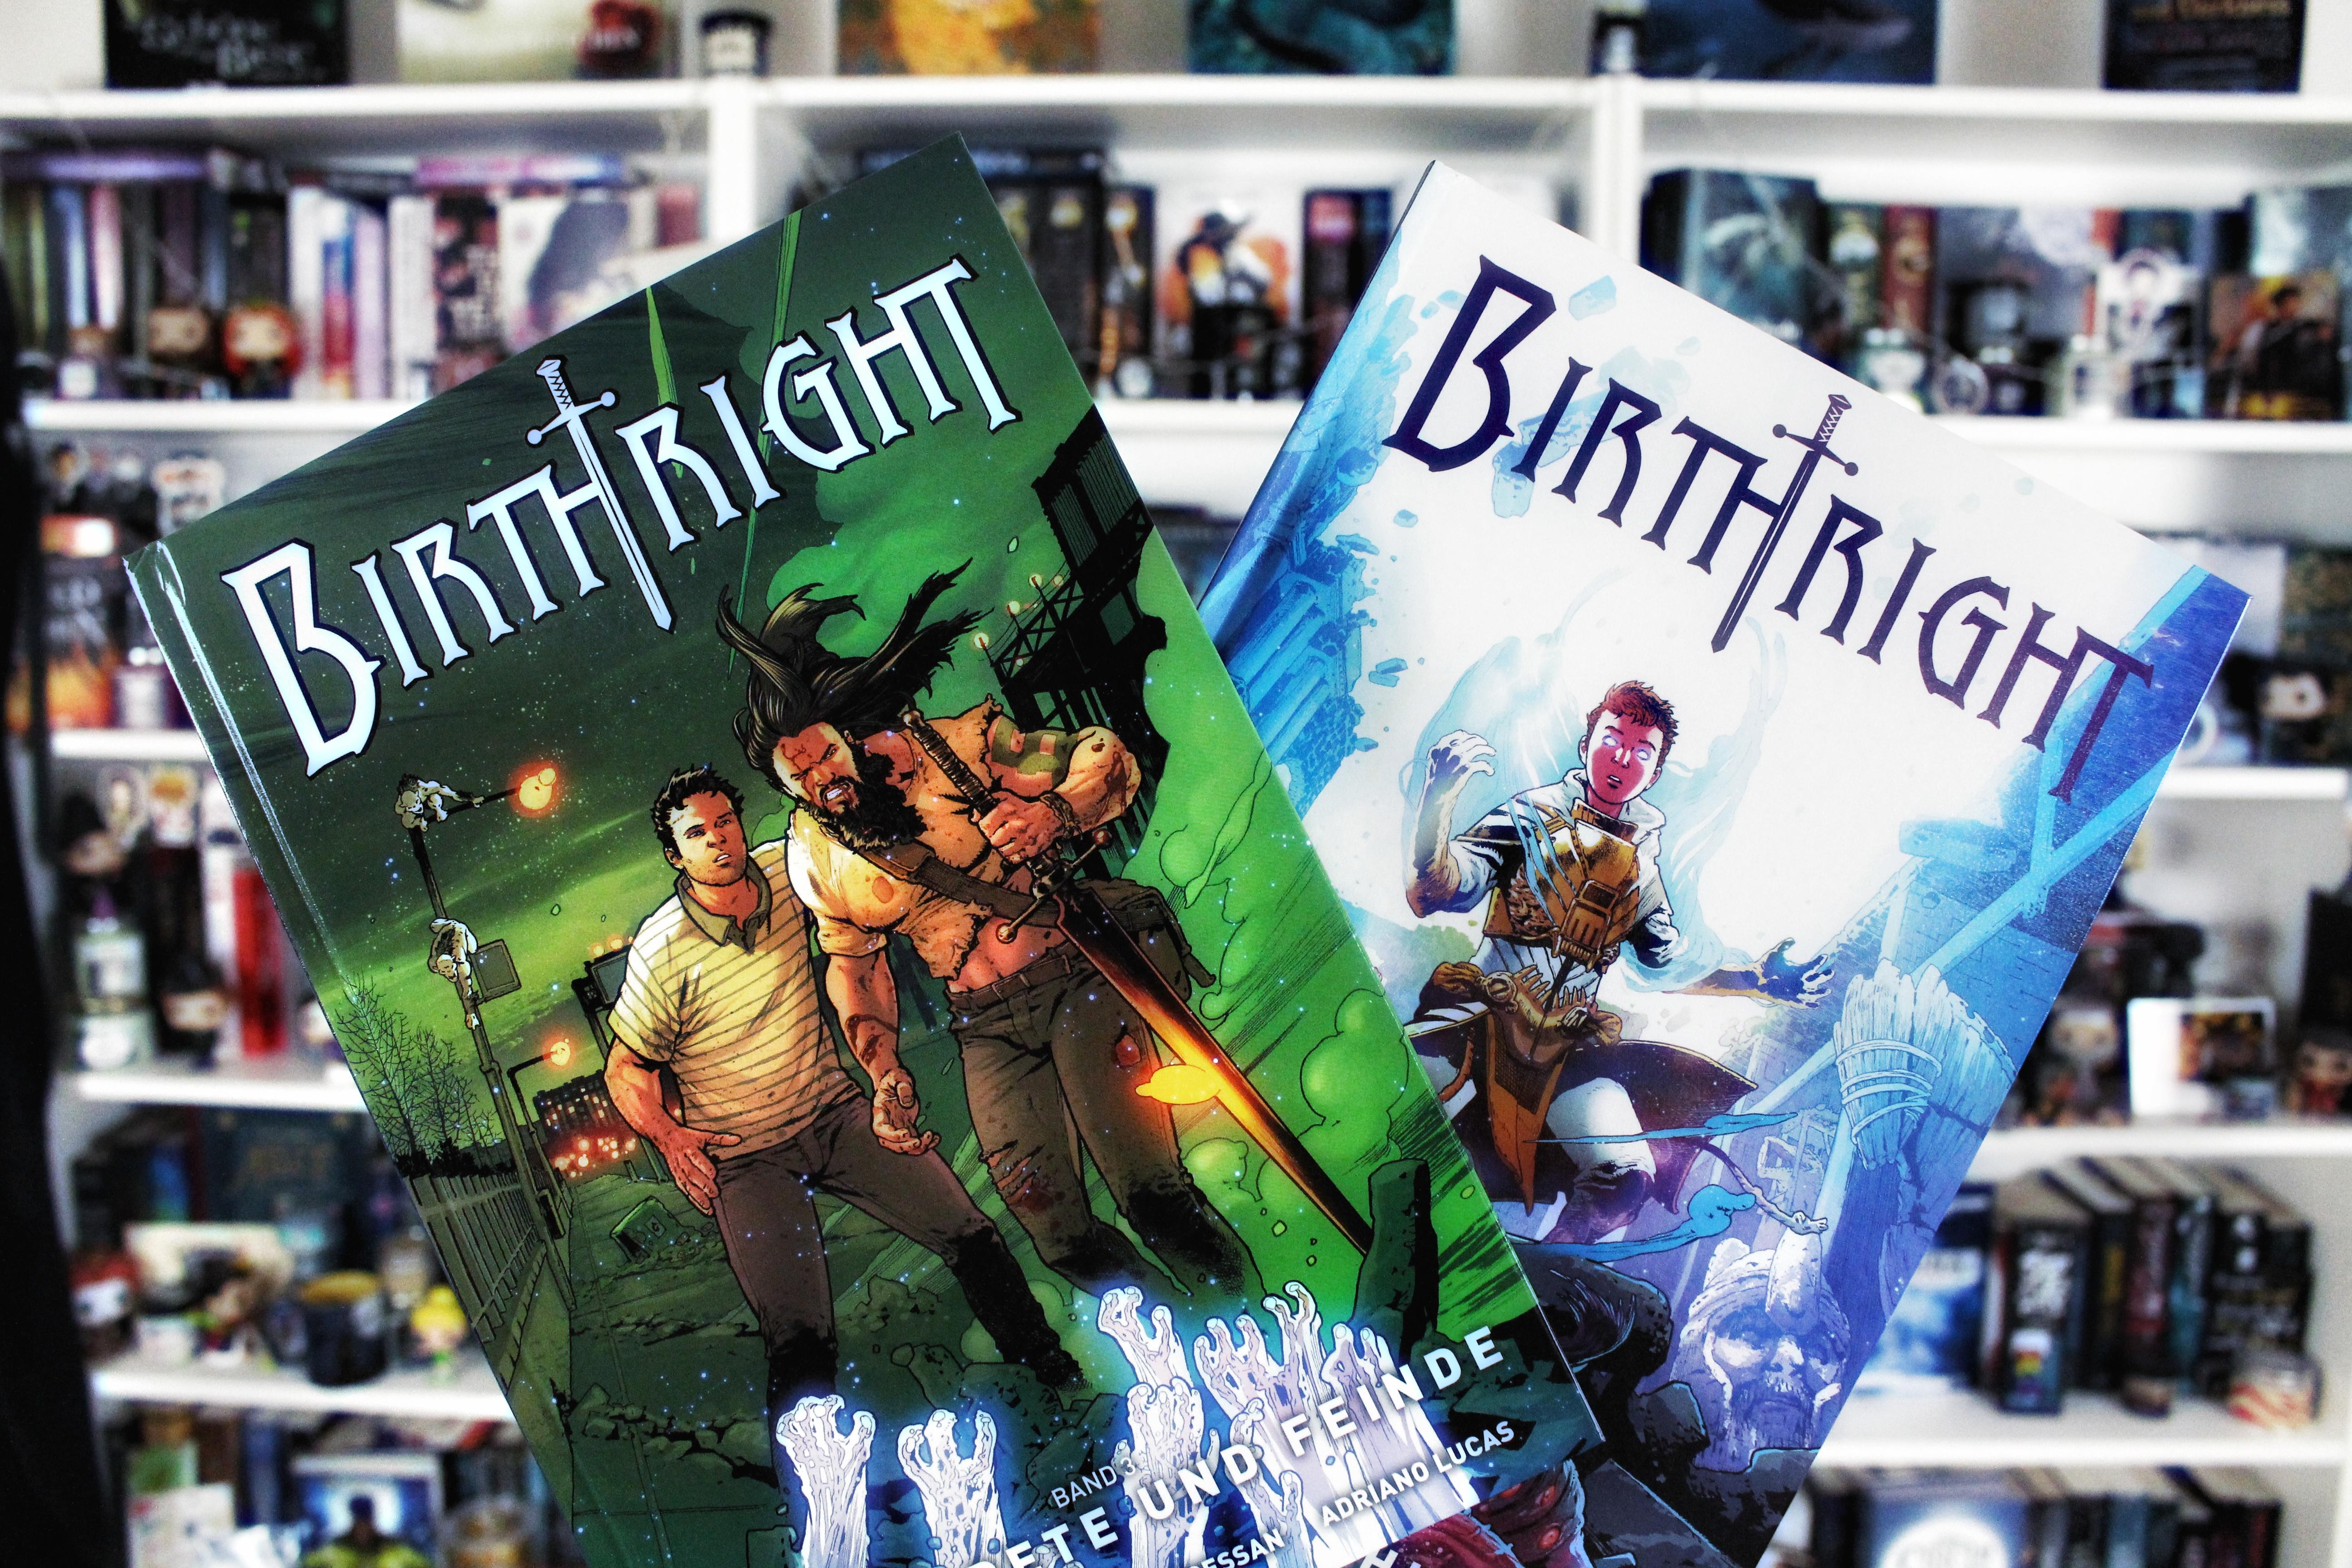 Rezension | Birthright Bd. 3 & 4 von Andrei Bressan & Joshua Williamson